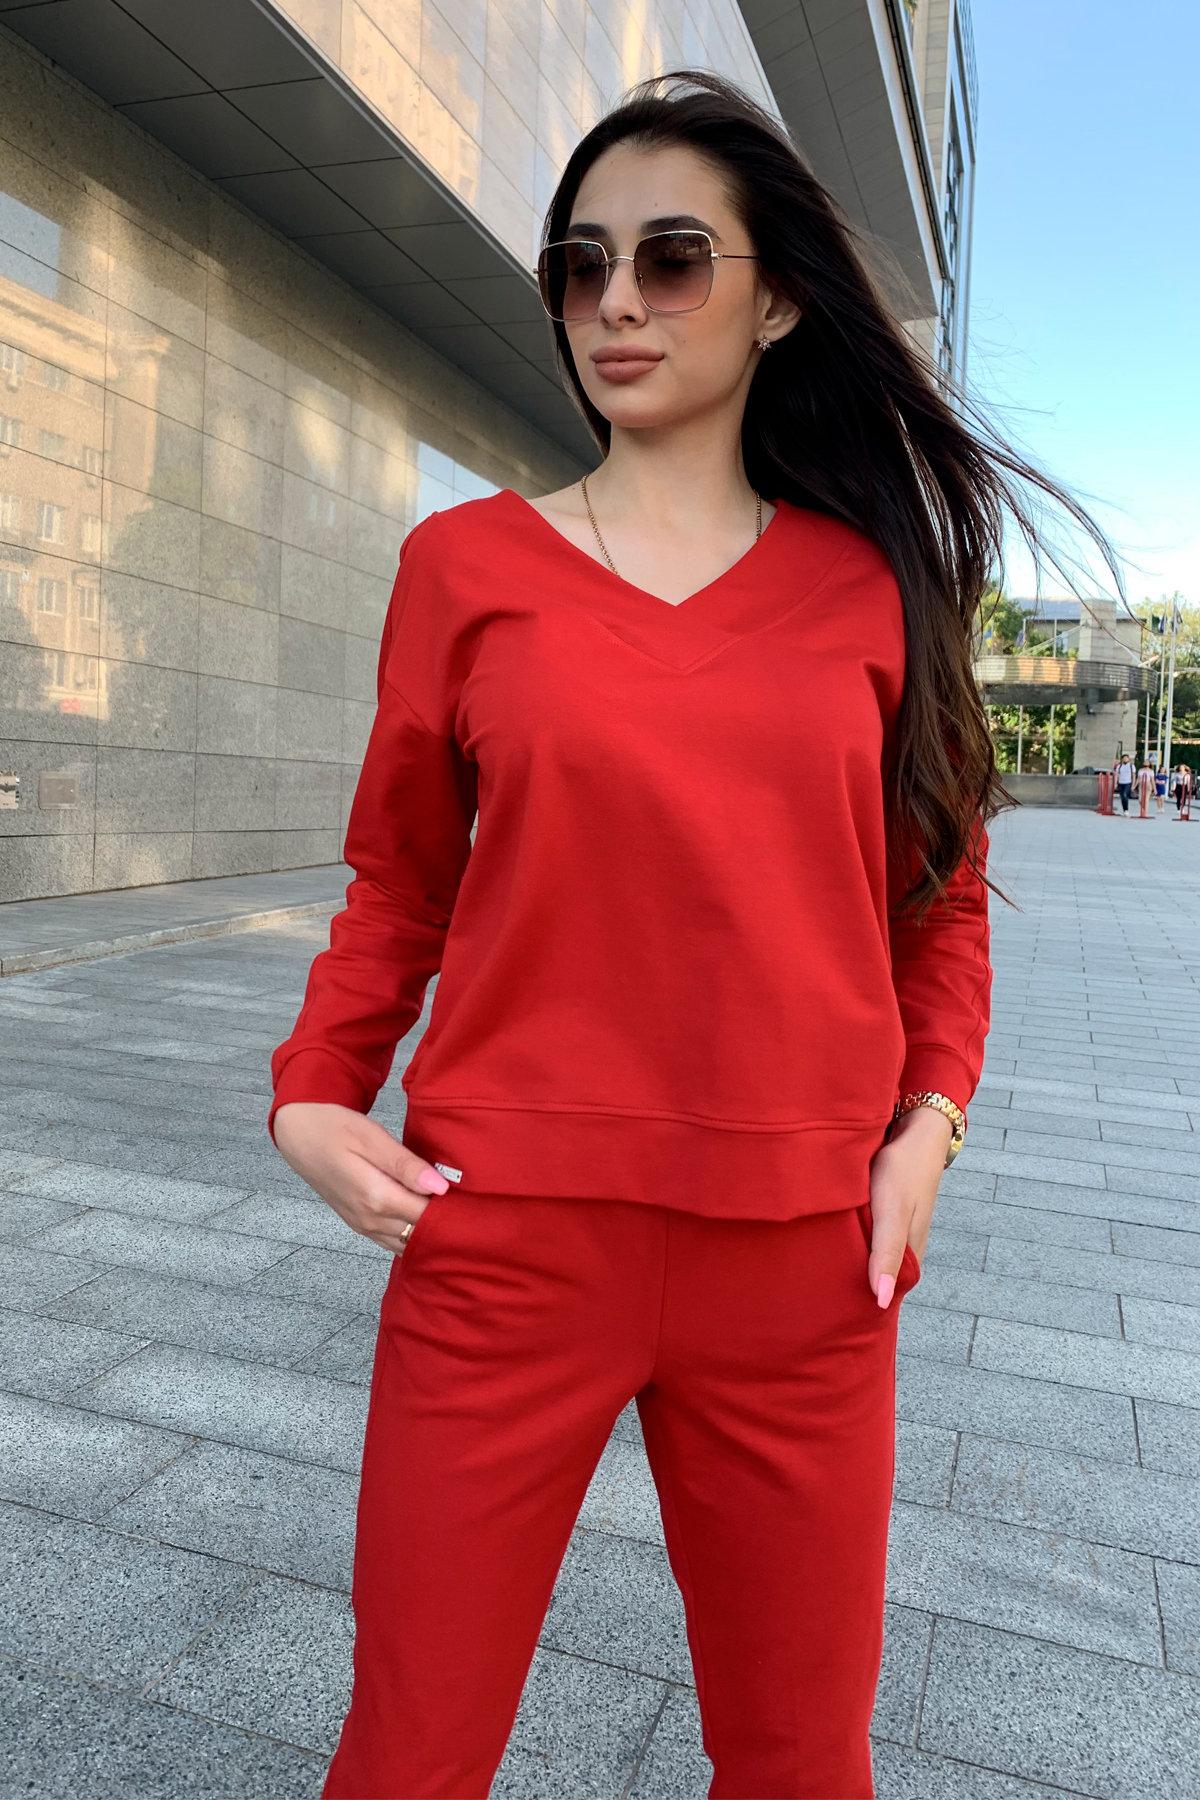 Костюм Стай 9342 АРТ. 45693 Цвет: Красный - фото 5, интернет магазин tm-modus.ru